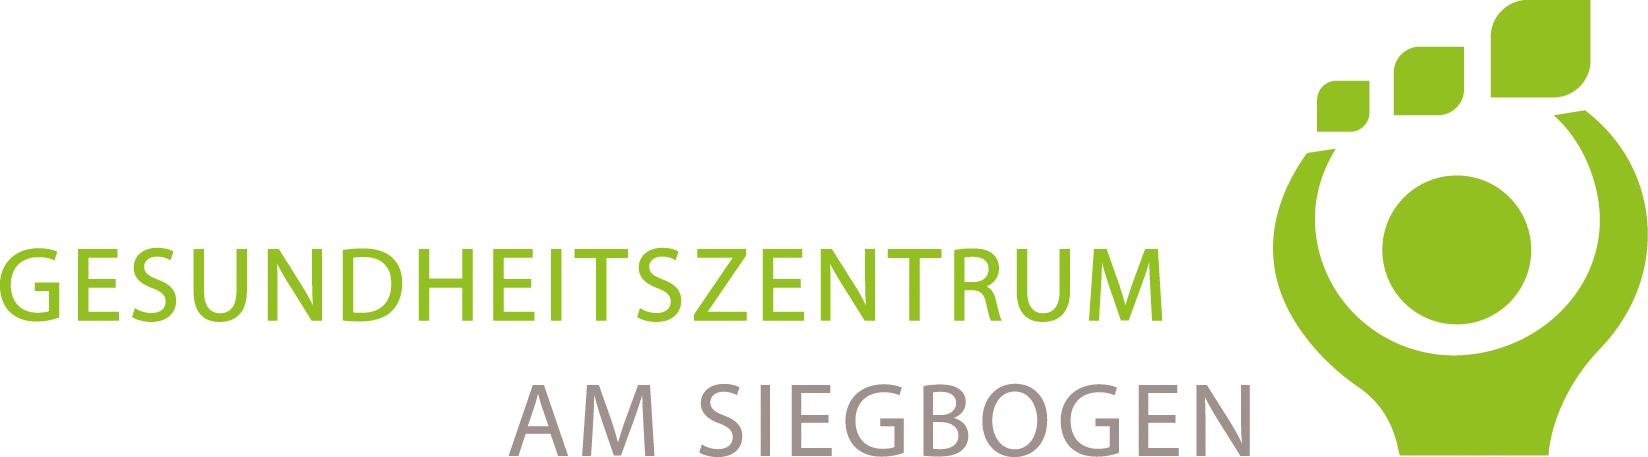 Gesundheitszentrum am Siegbogen Logo